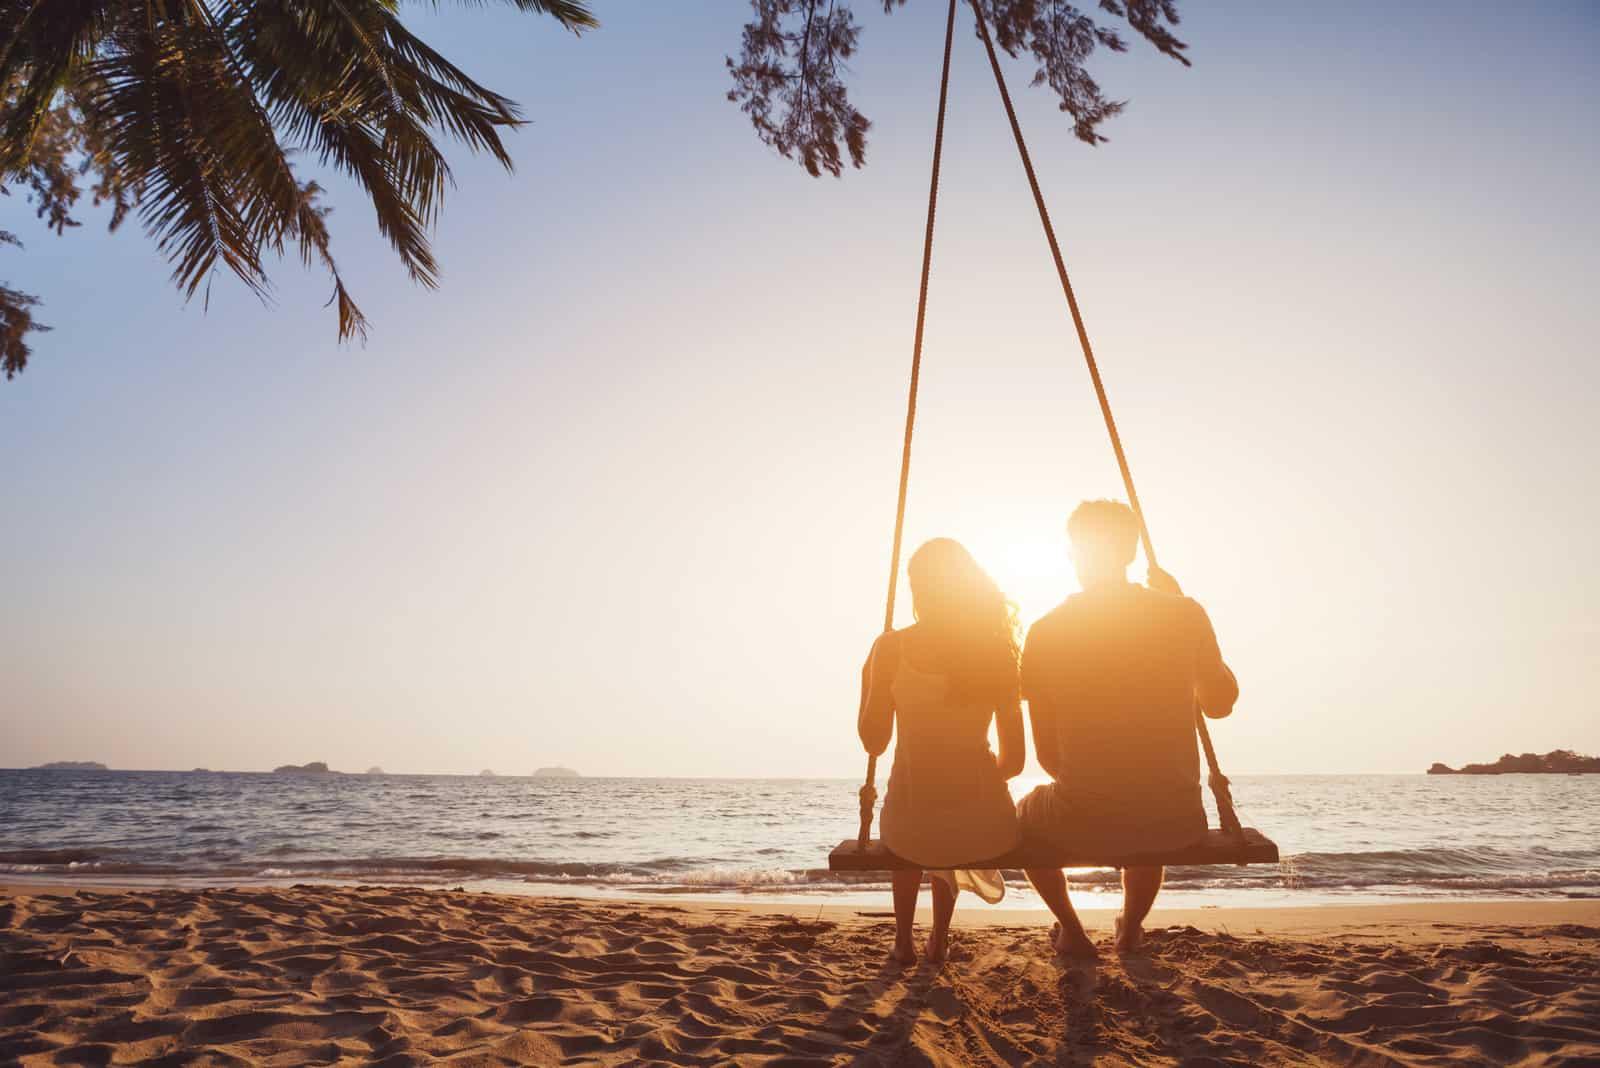 romantisches verliebtes Paar, das zusammen auf Seilschaukel am Sonnenuntergangstrand sitzt